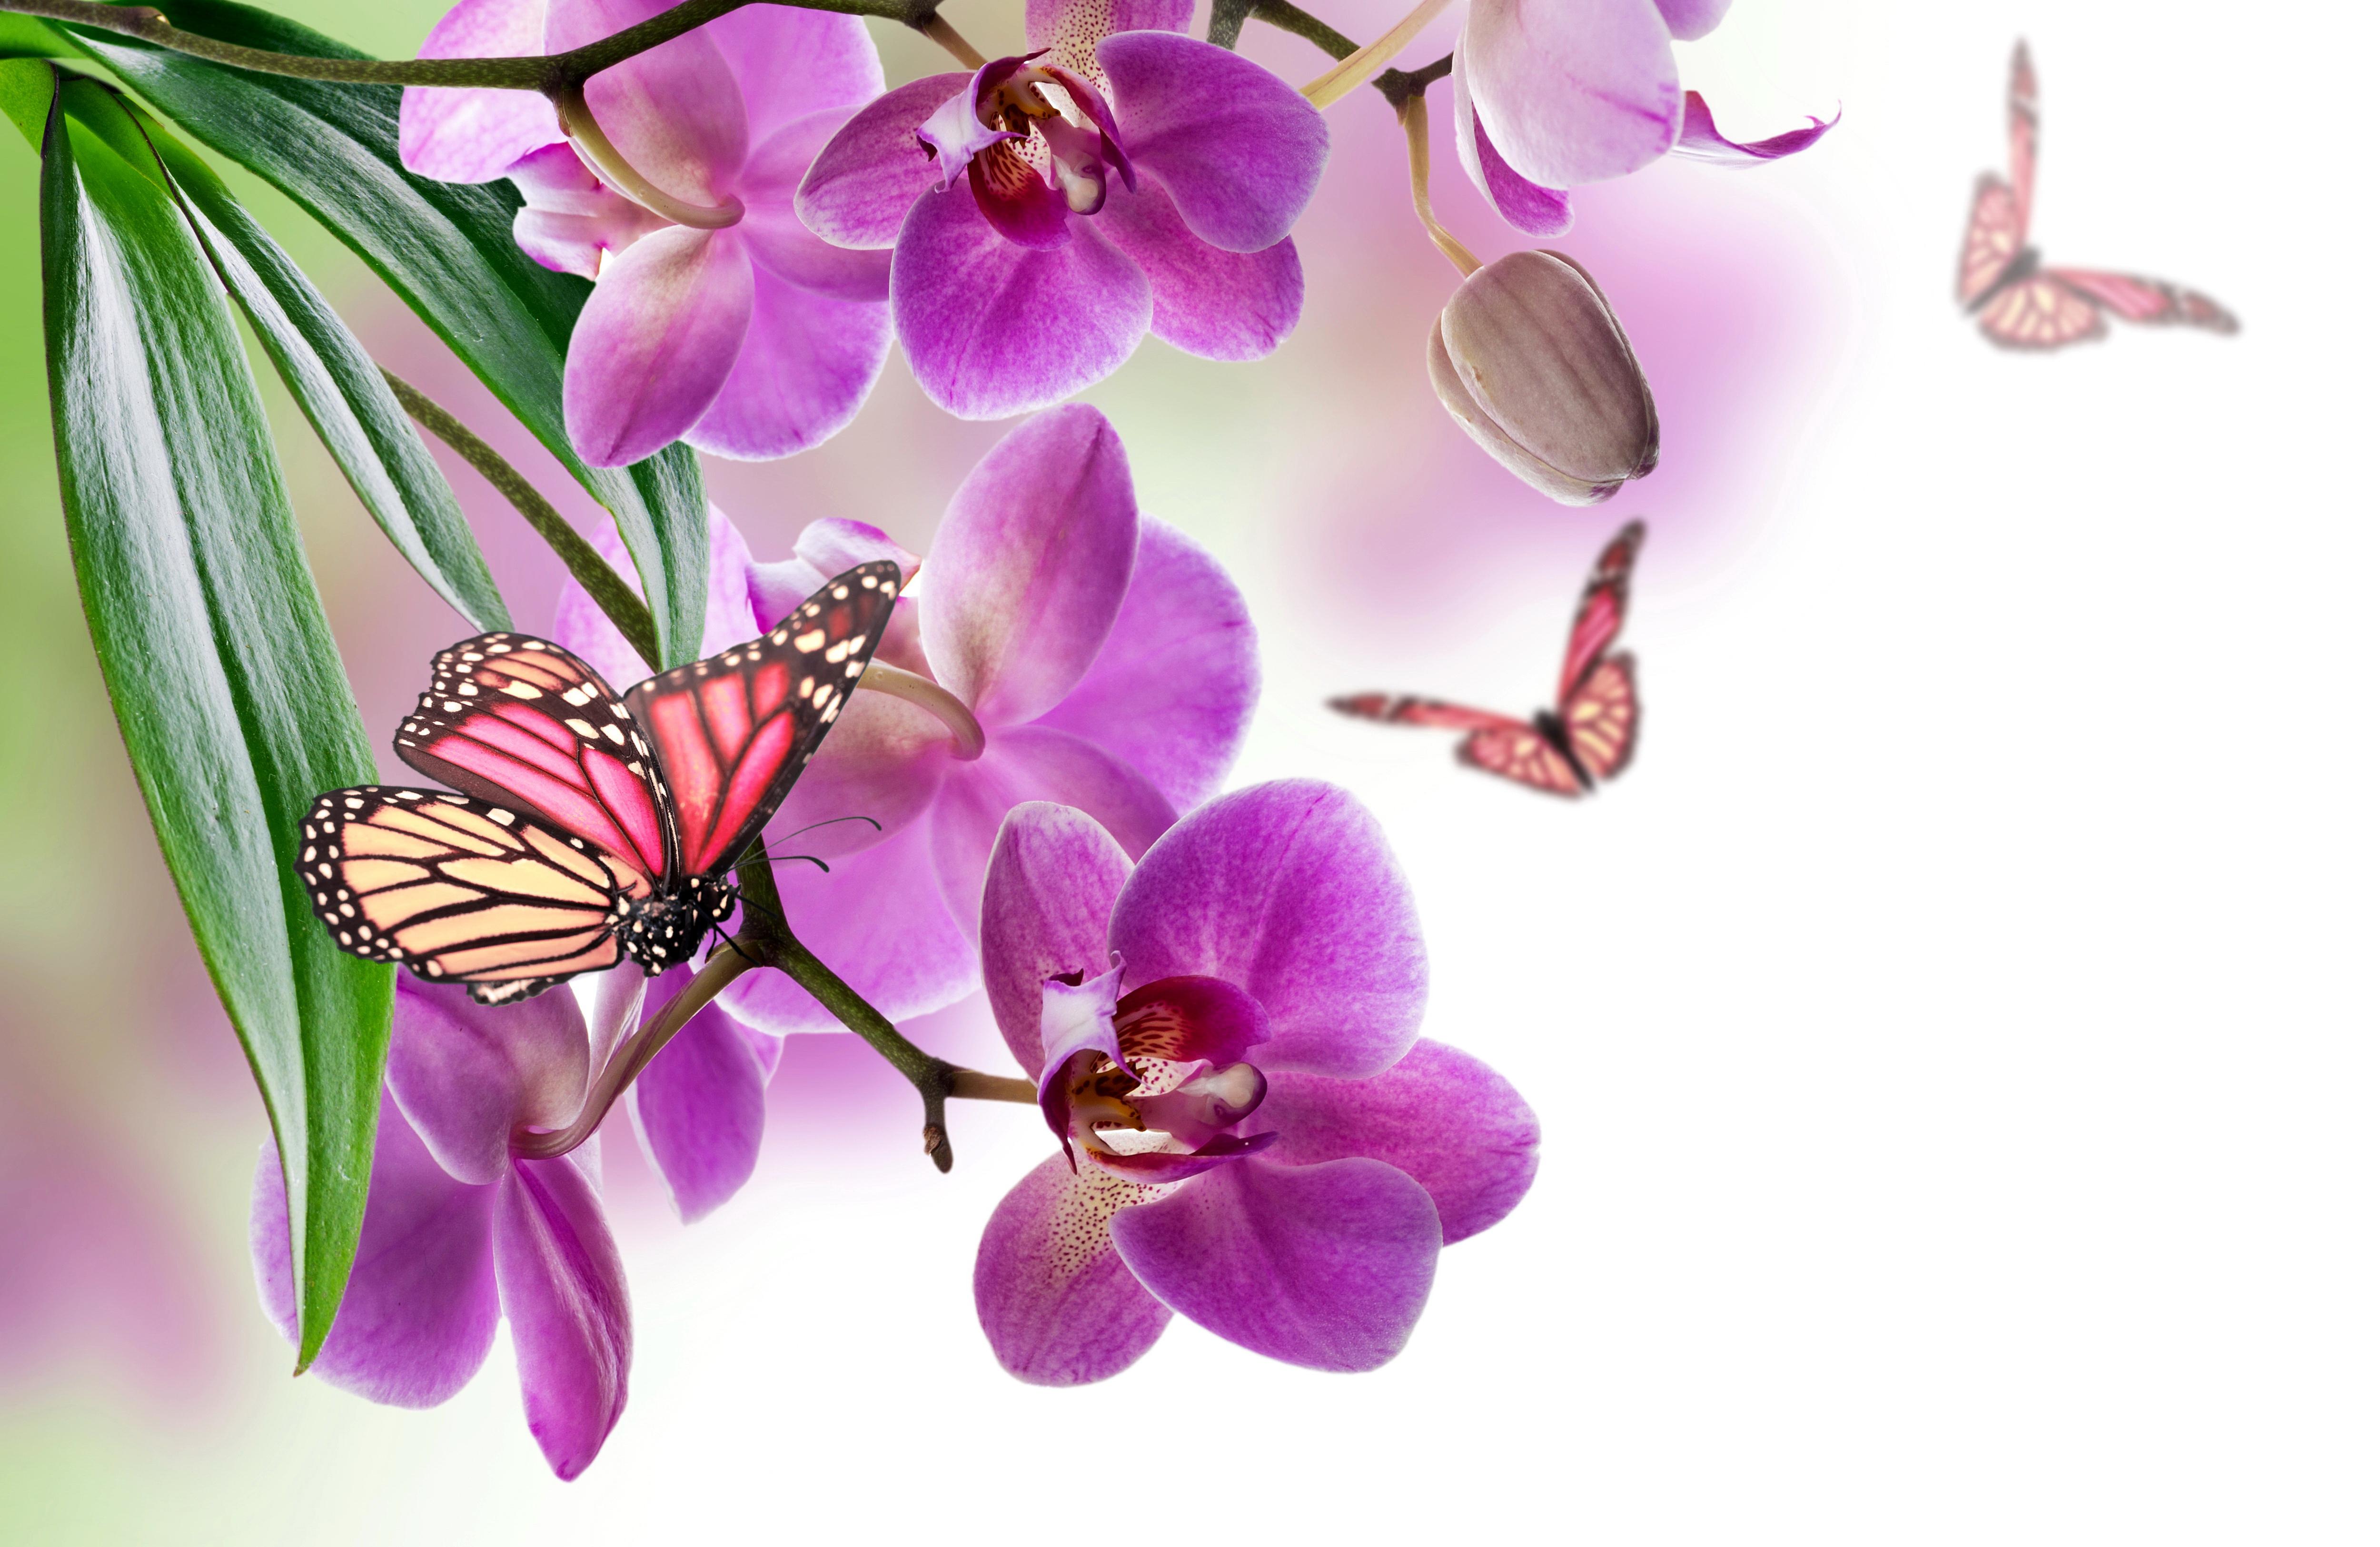 бабочки из лепестков  № 2303868 бесплатно